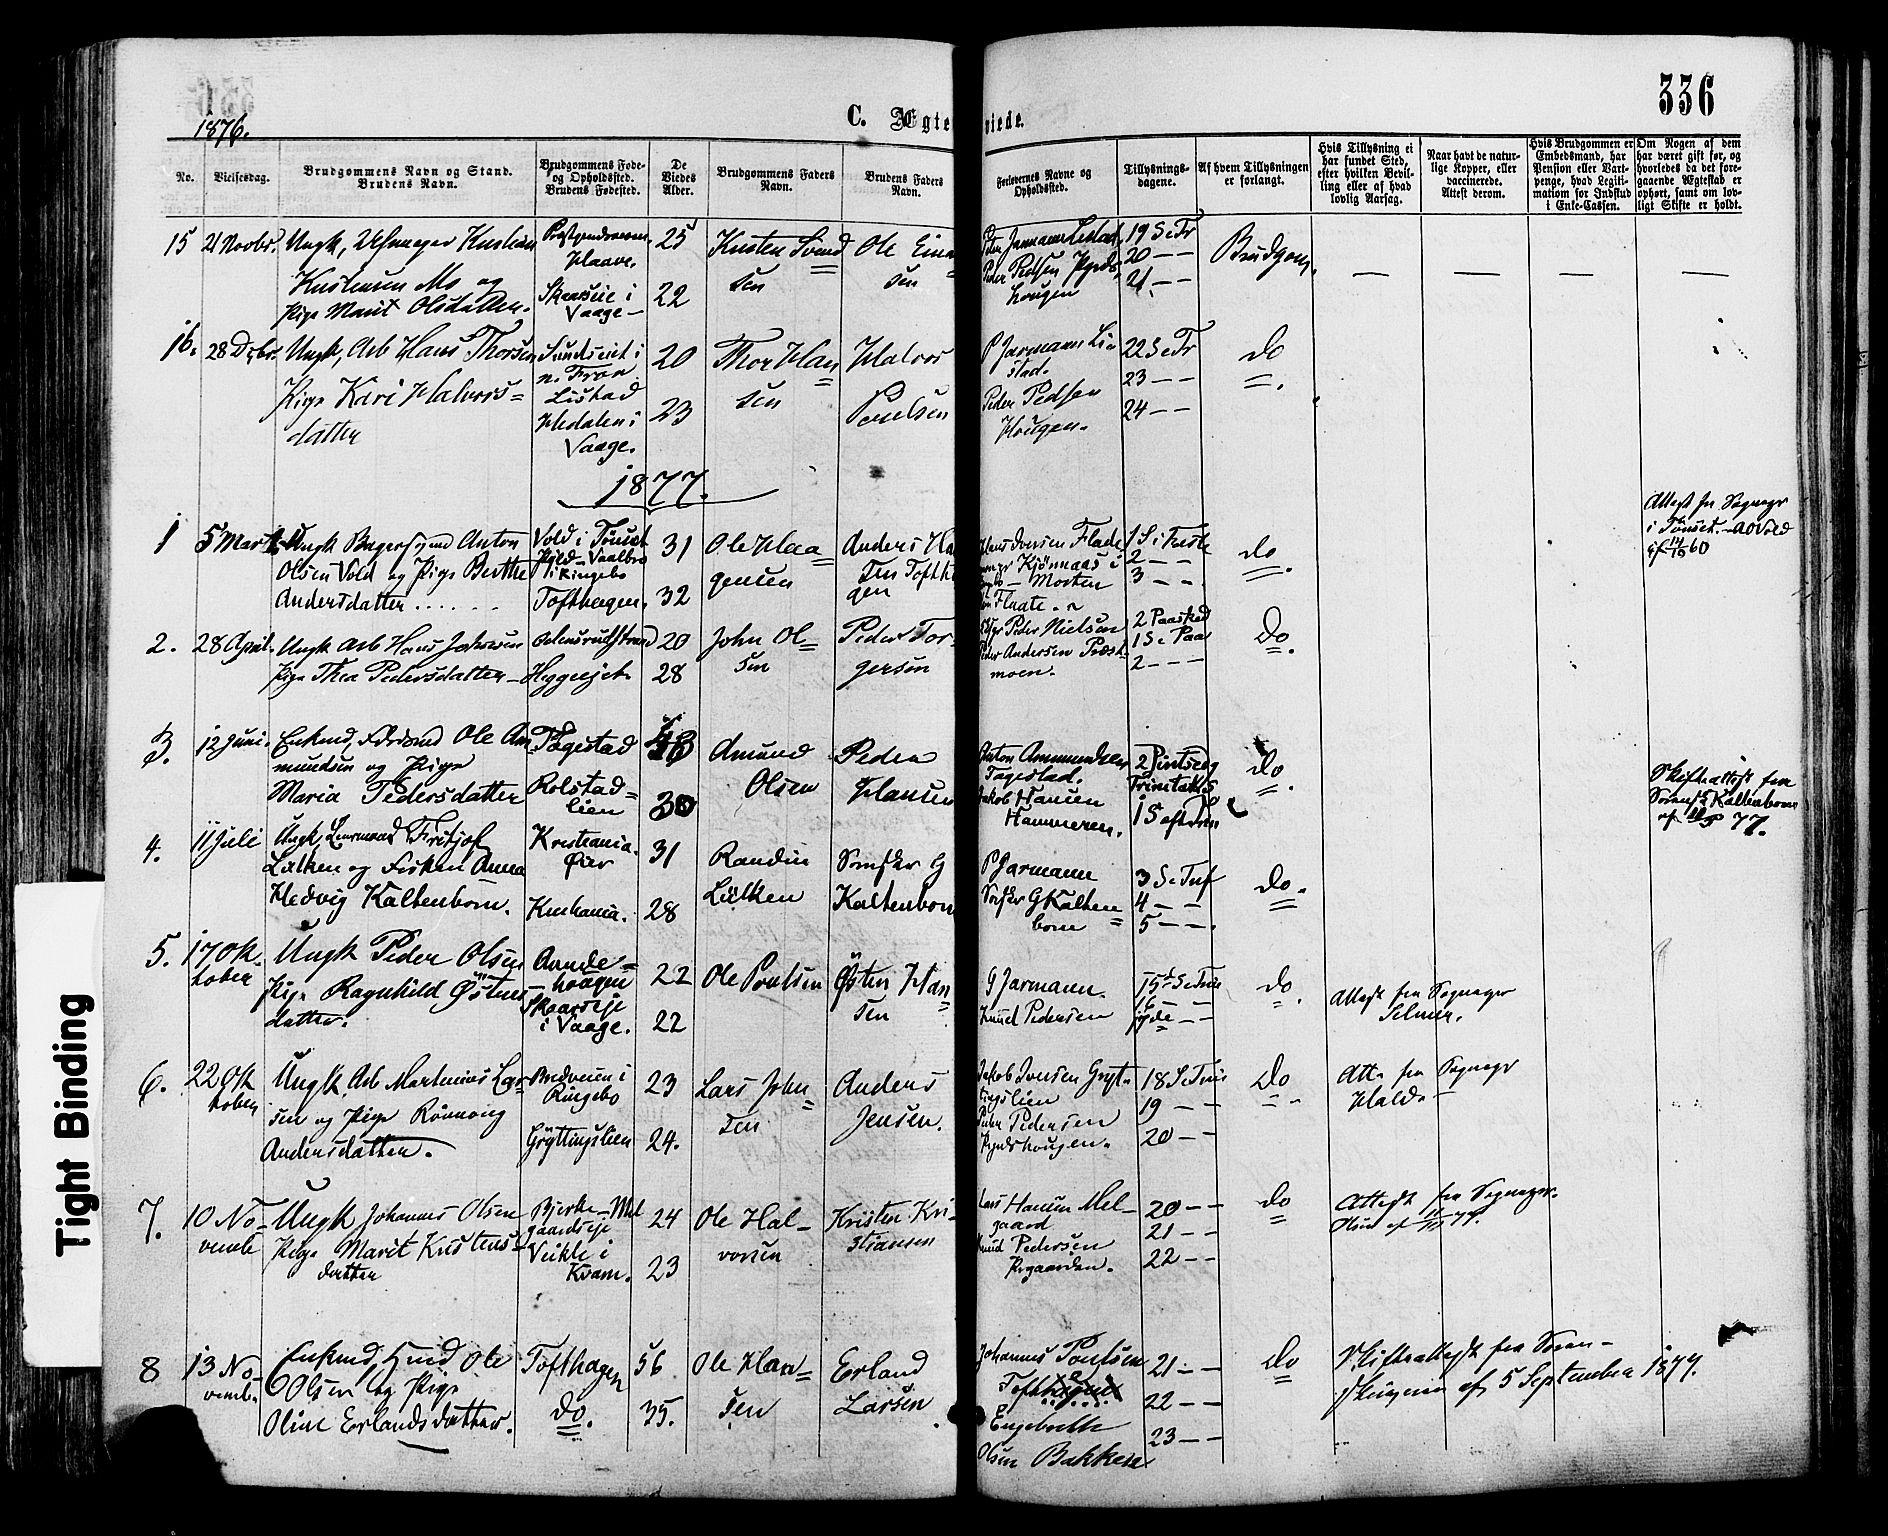 SAH, Sør-Fron prestekontor, H/Ha/Haa/L0002: Ministerialbok nr. 2, 1864-1880, s. 336